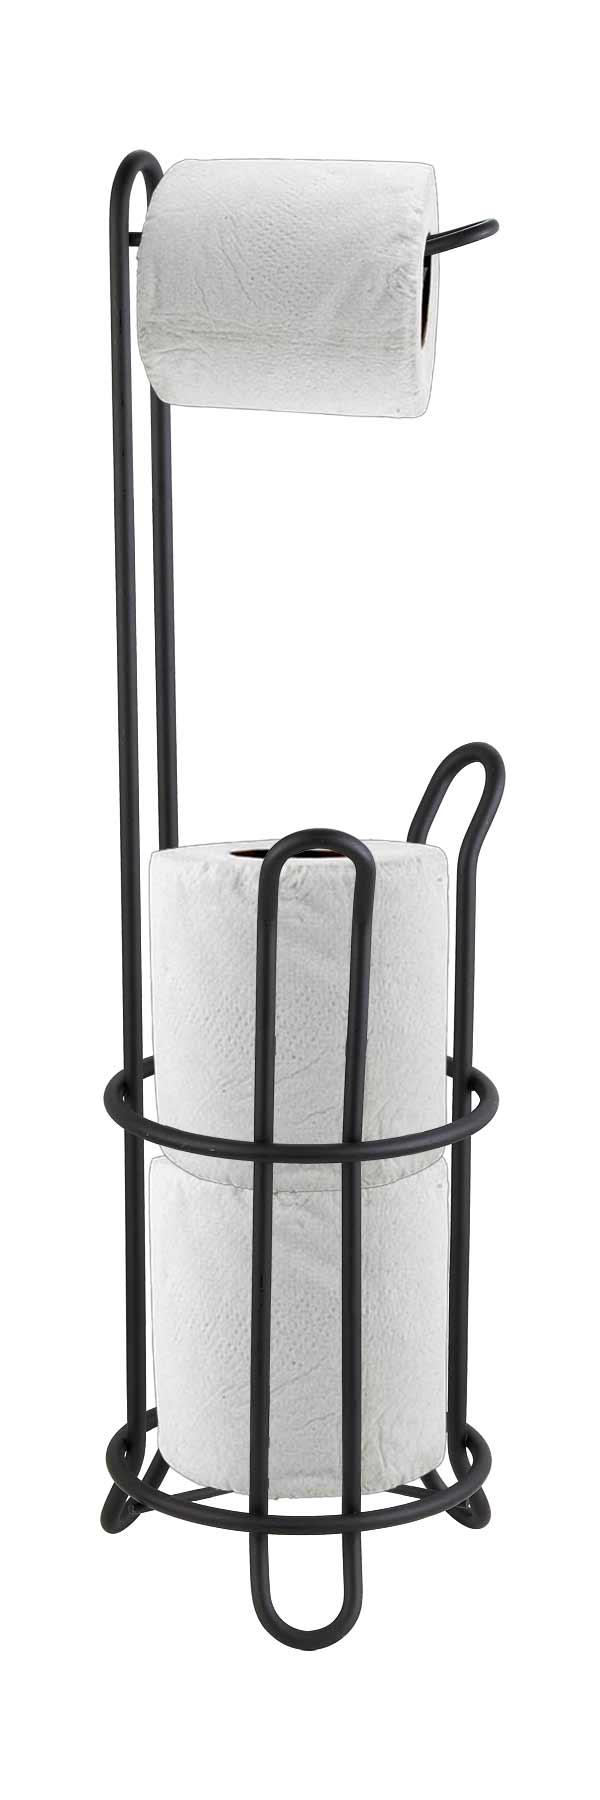 Black Free-Standing Toilet Paper Dispenser/Holder